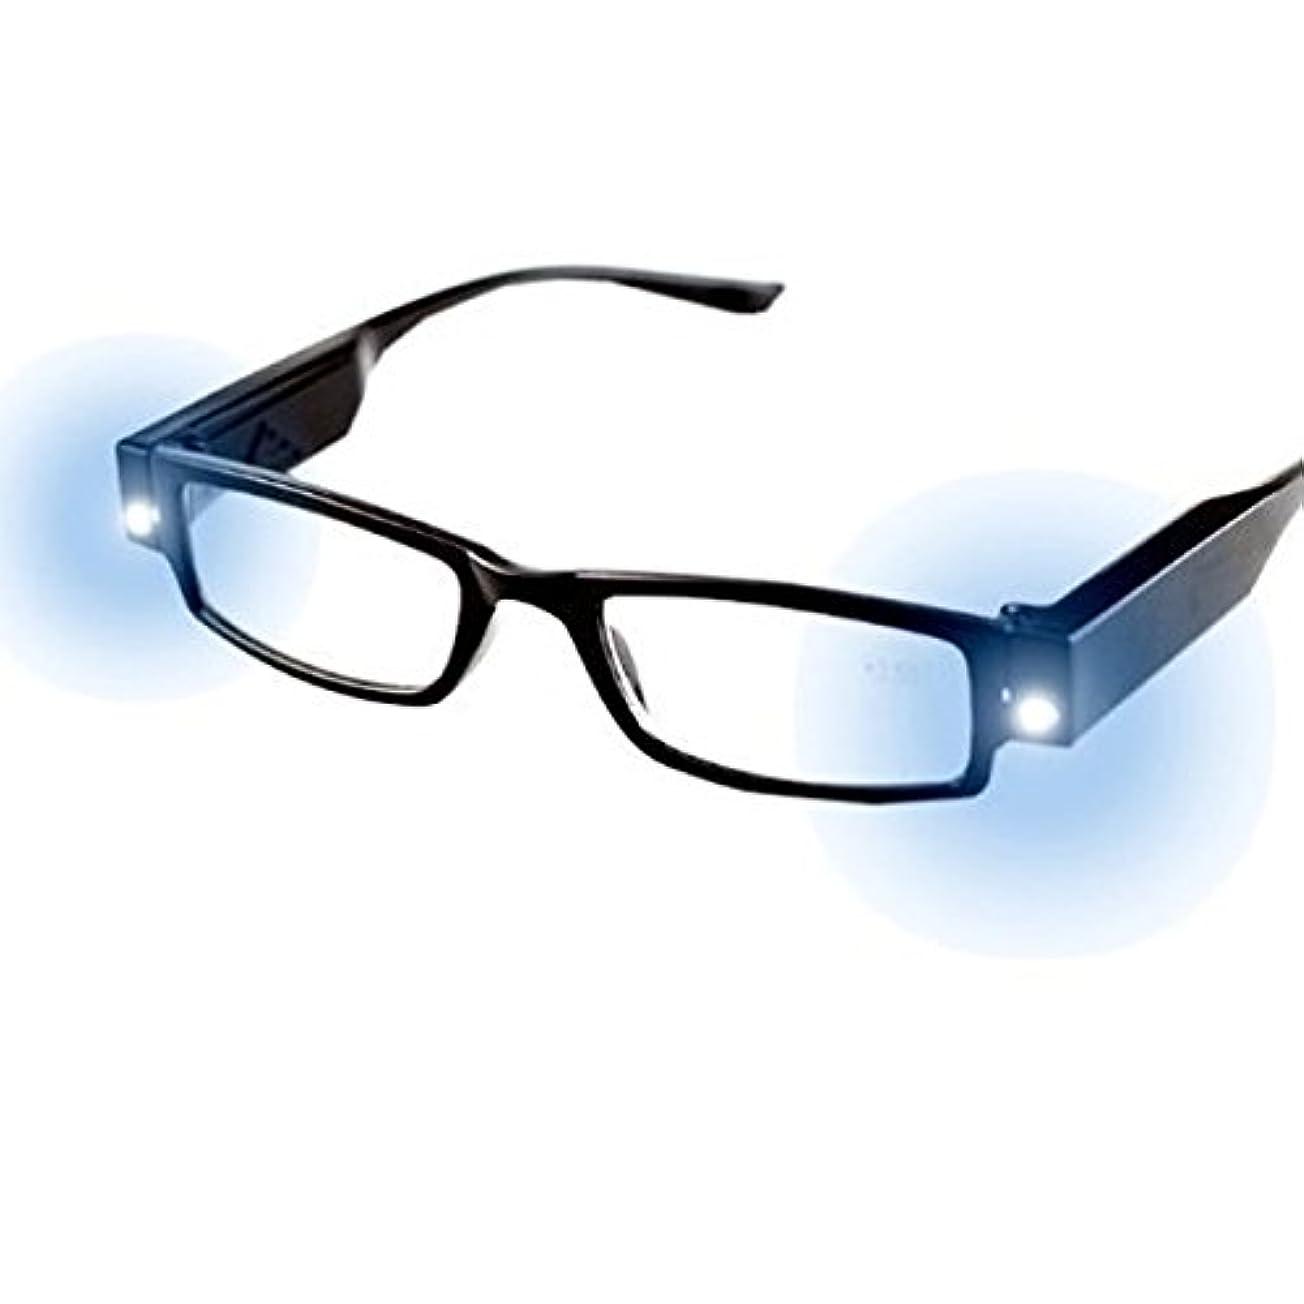 浸す寂しい簡潔なFairyjp LED搭載老眼鏡 折りたたみ式 メガネ 携帯便利 非球面レンズ ケース付き 2灯 省エネ 読書 手芸 超弾性素材採用 ファッション眼鏡 超軽量ノーズパッド 男女兼用 メンズ レディース